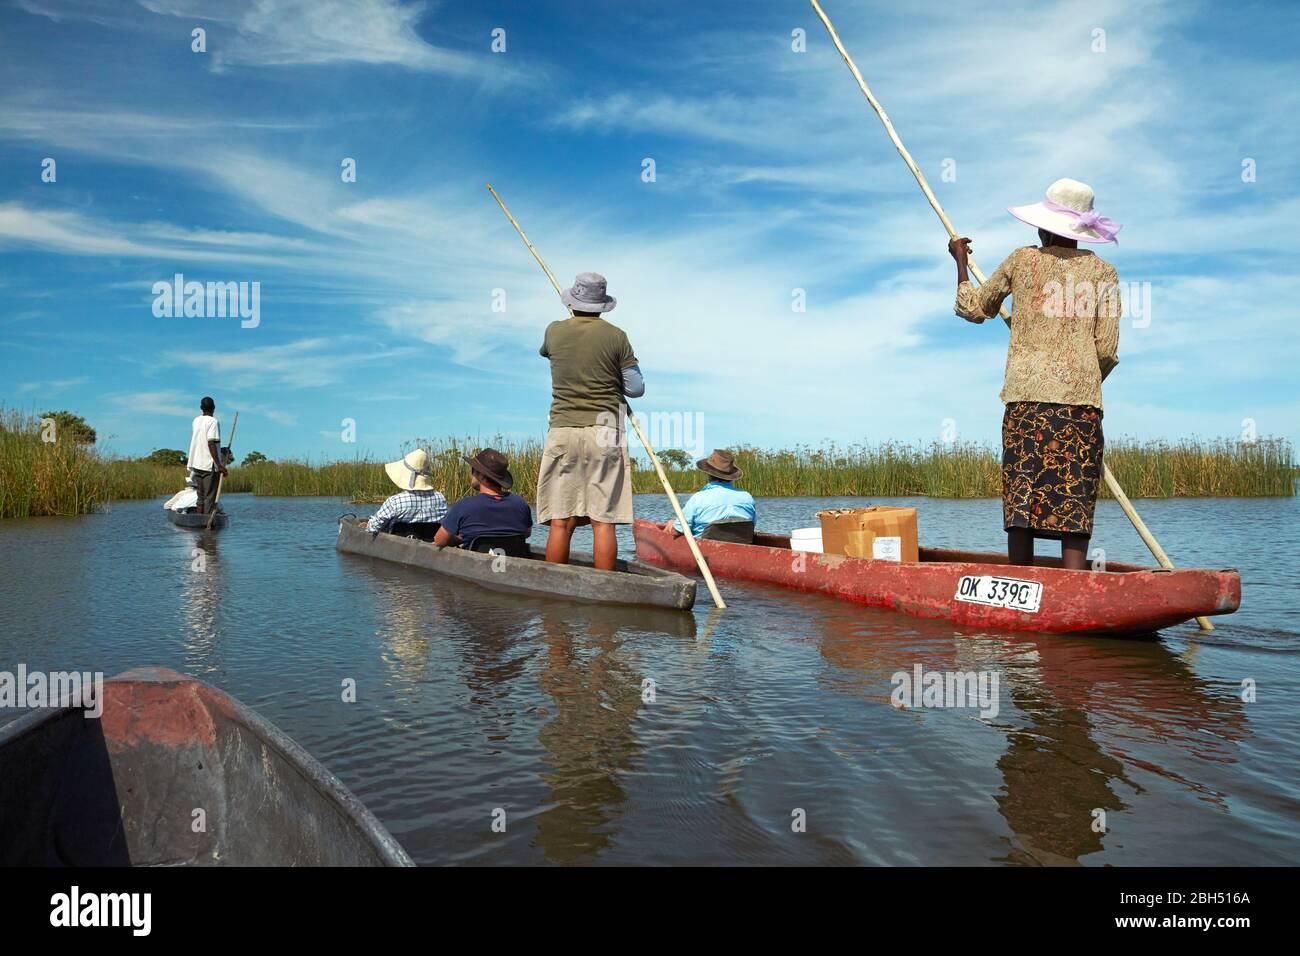 Les touristes étant polés cependant dans mokoros (dugout canoes), le Delta d'Okavango, Botswana, Afrique Banque D'Images